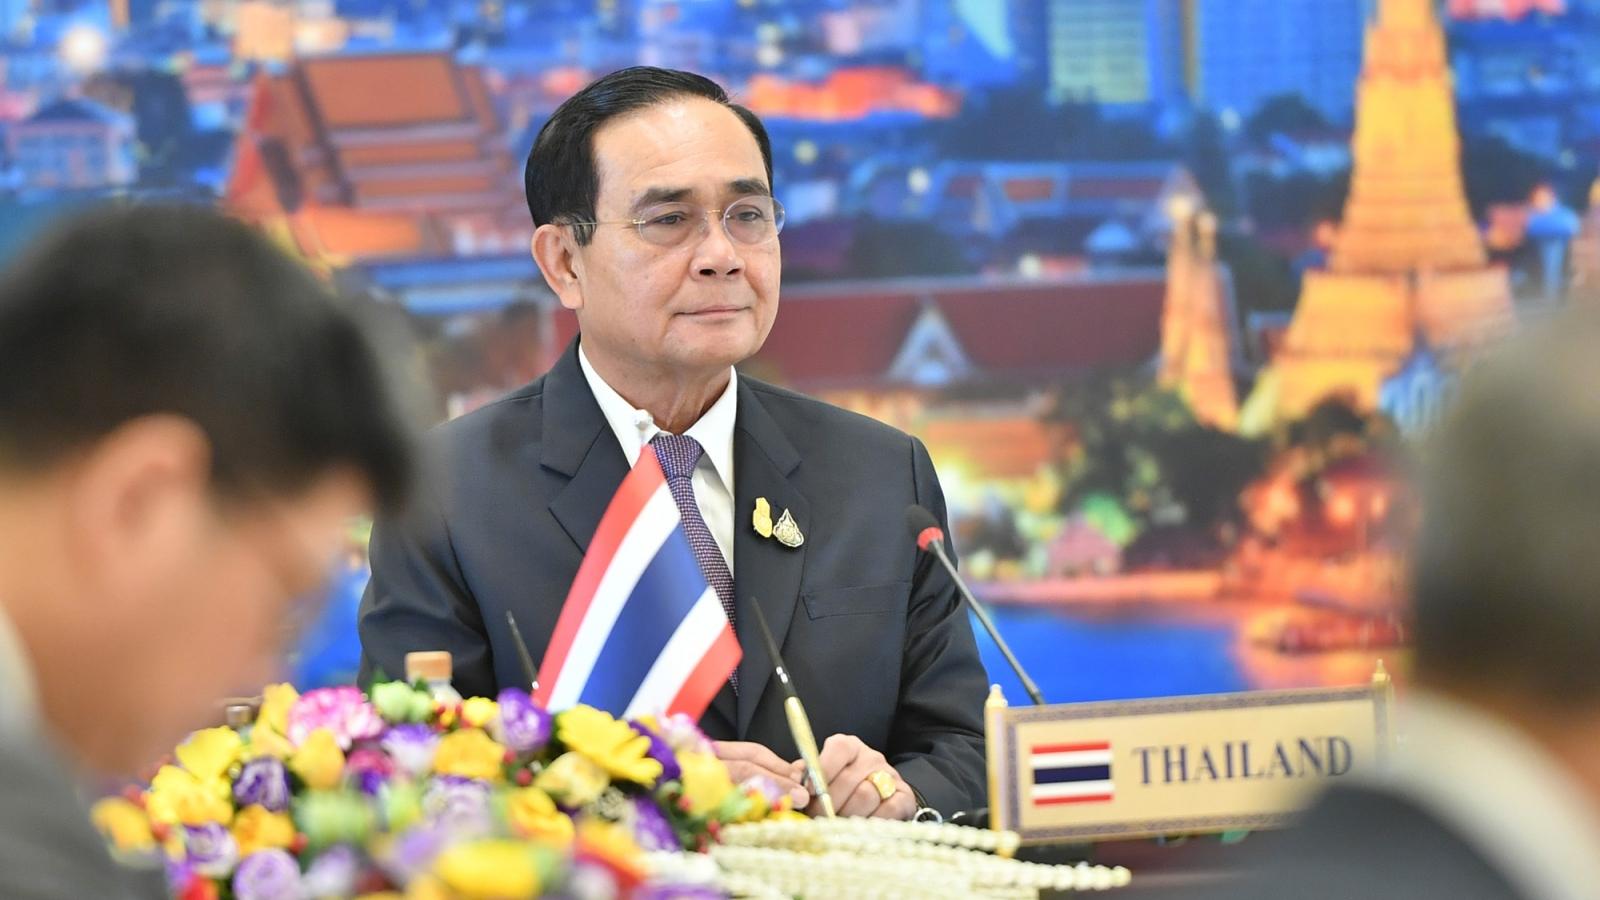 Thái Lan nhấn mạnh tầm quan trọng của hợp tác đa phương trong kiểm soát Covid-19